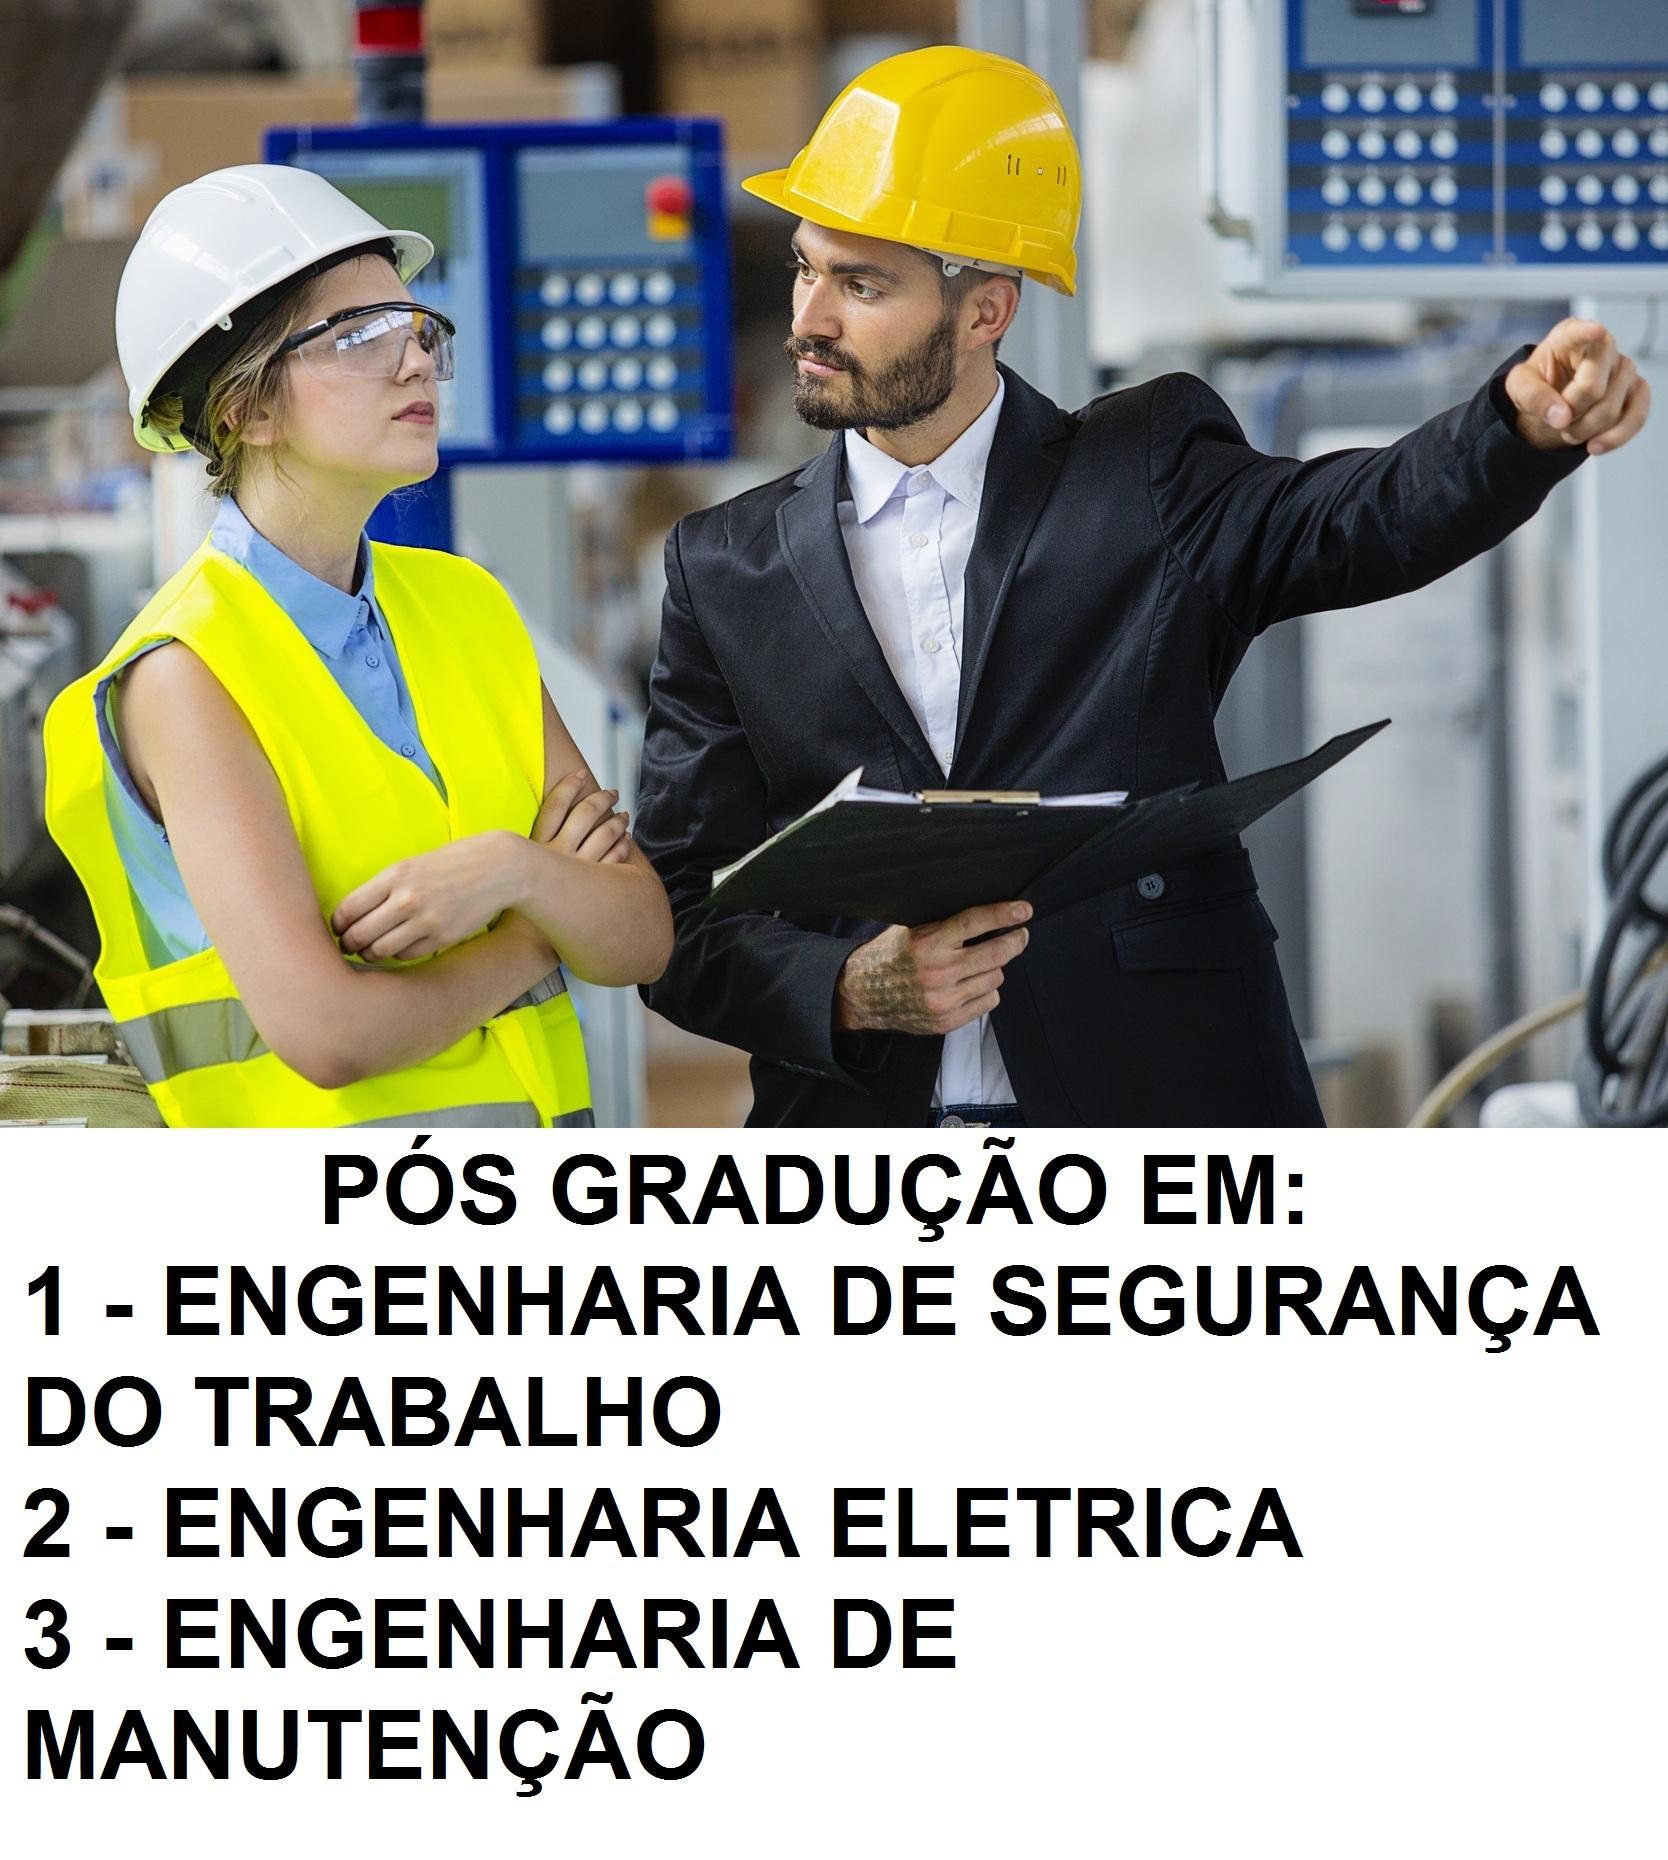 ESPECIALIZAÇÃO   ENGENHARIA DE SEGURANÇA,   ELÉTRICA  E ENGENHARIA DE MANUTENÇÃO